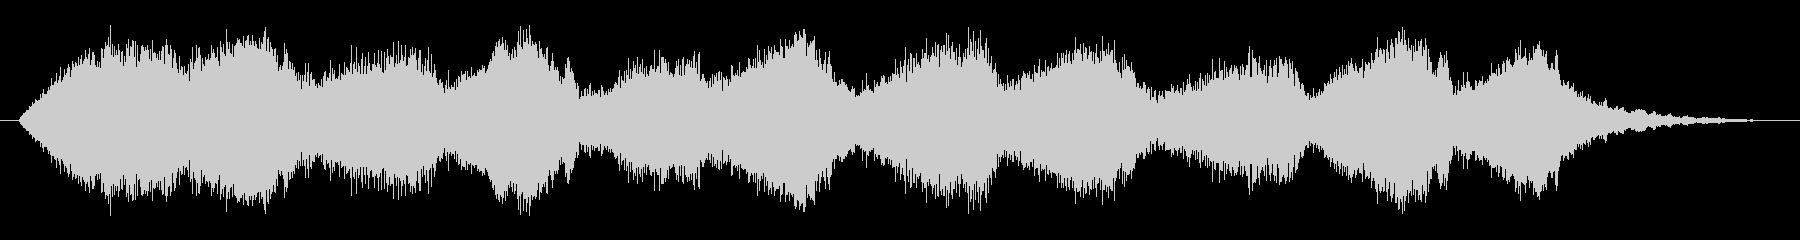 フォーンファーン(不思議、ファンタジー)の未再生の波形